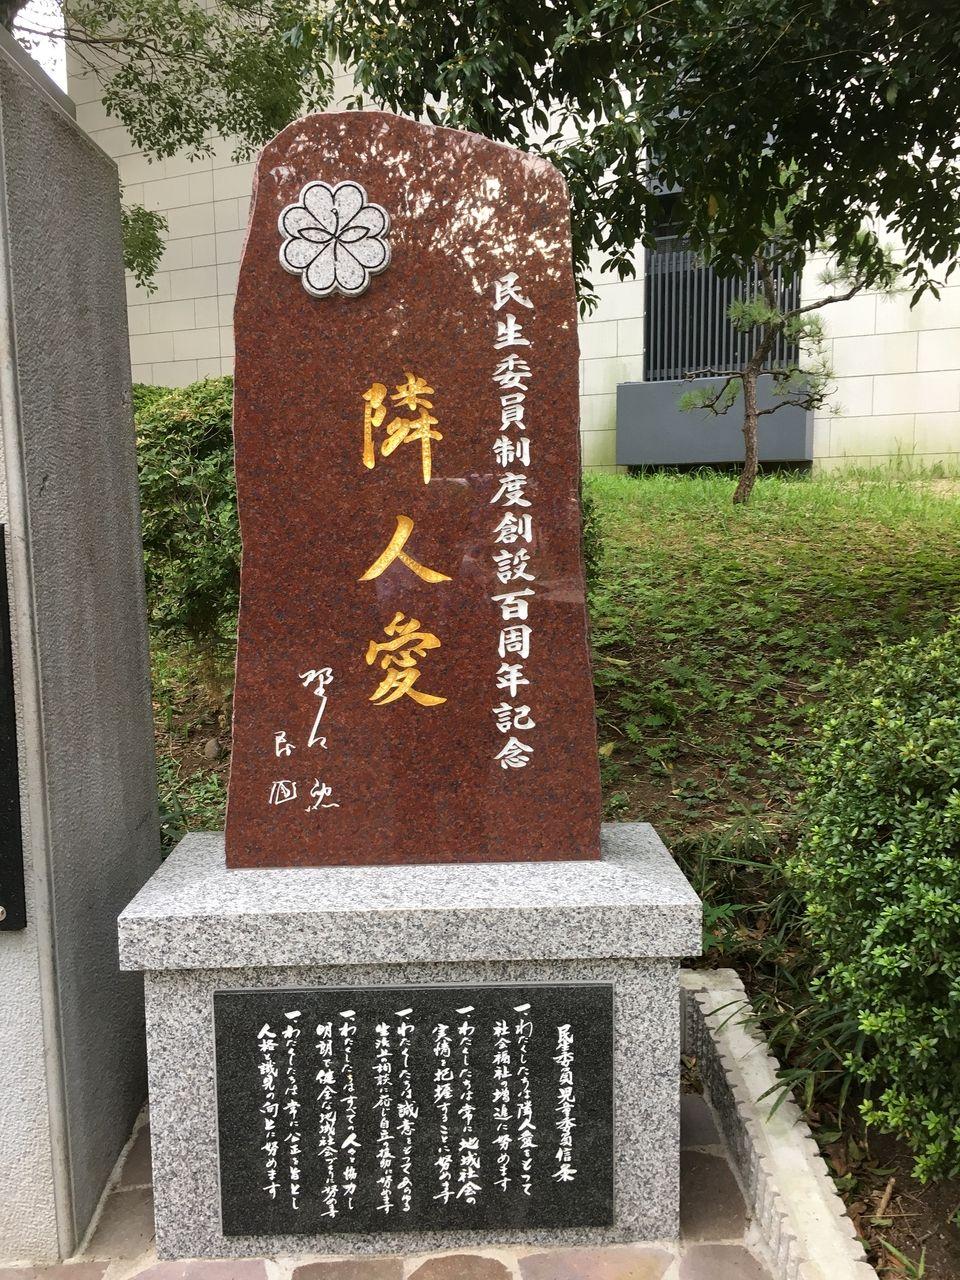 民生委員制度創設100周年記念の記念碑